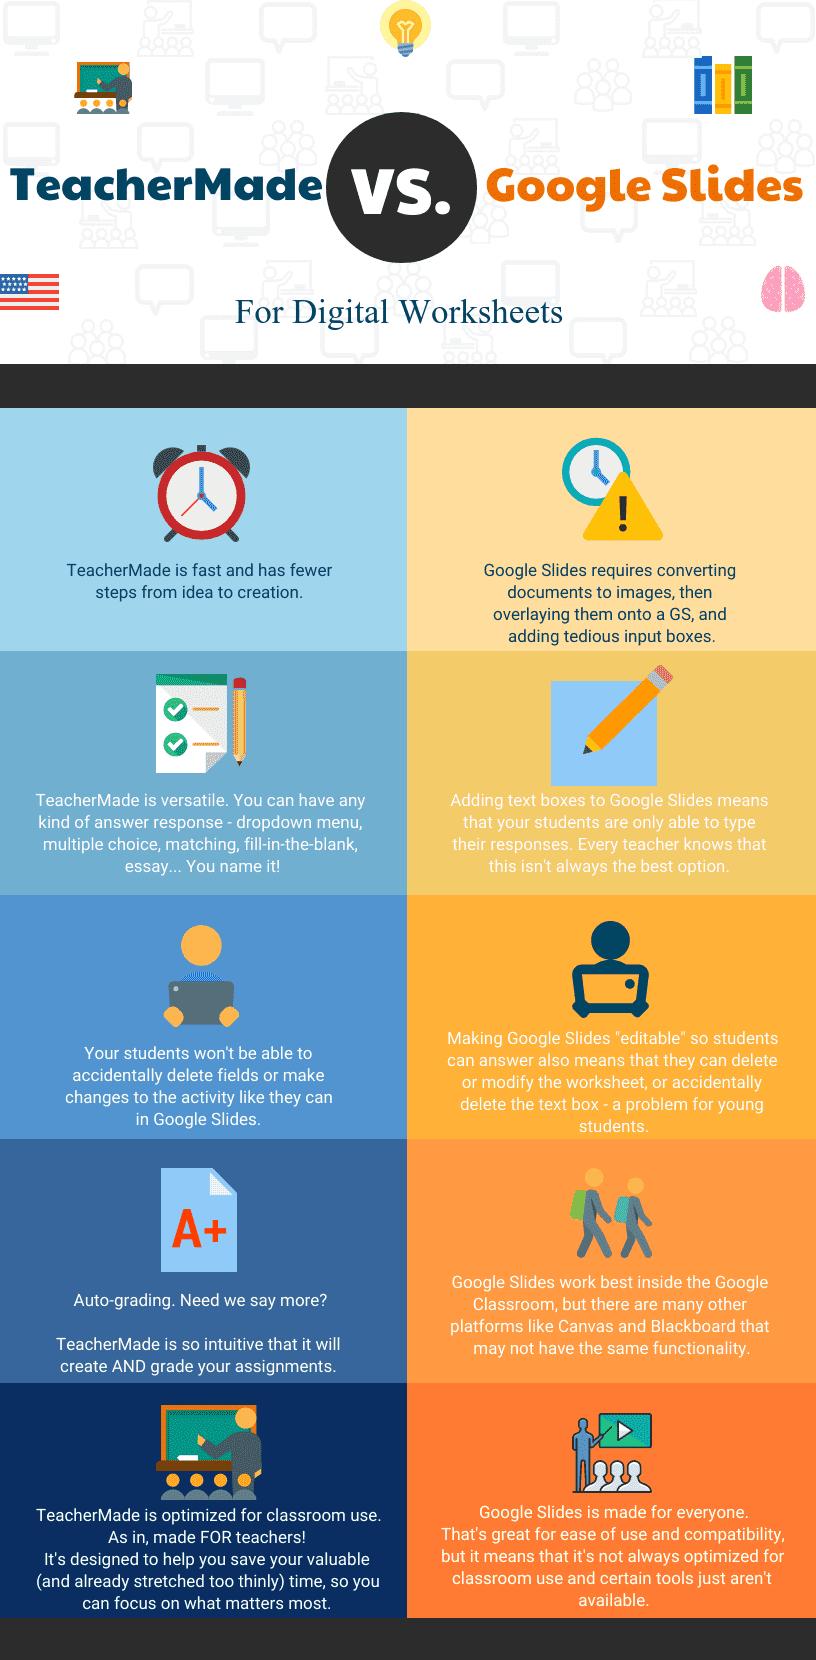 TeacherMade vs. Google Slides Infographic